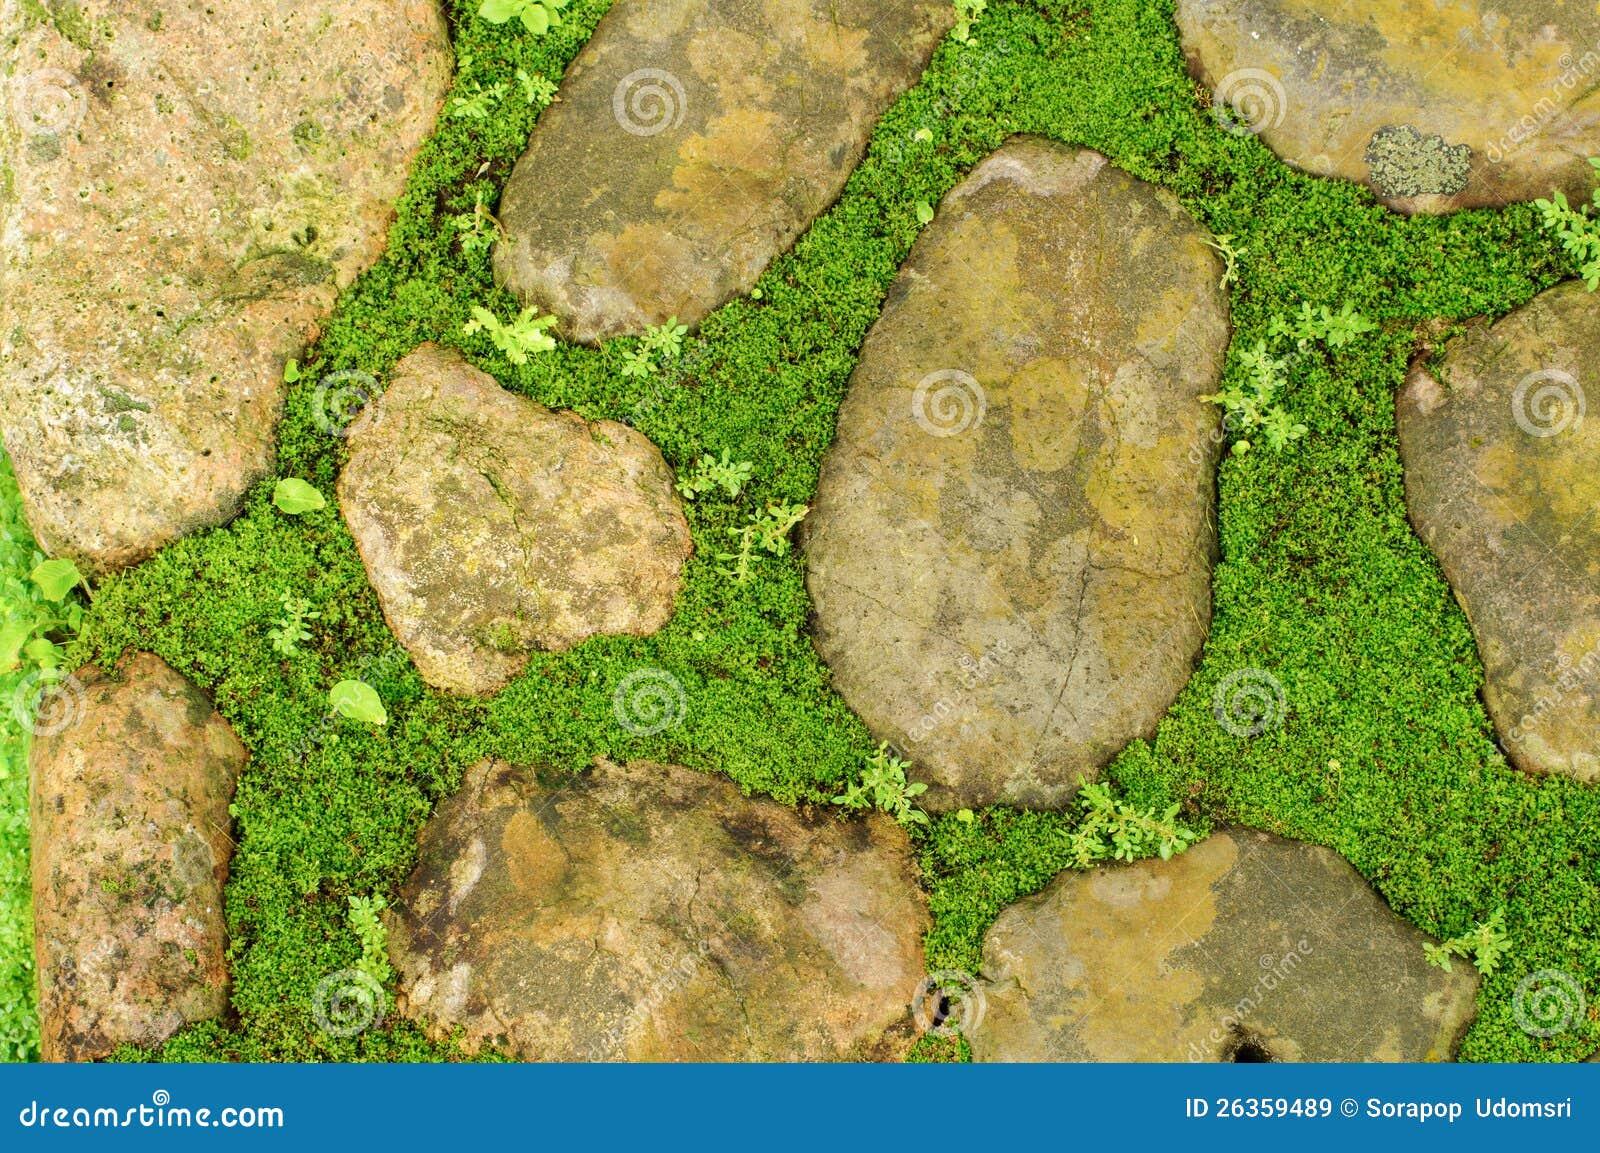 Gras zwischen Steinen